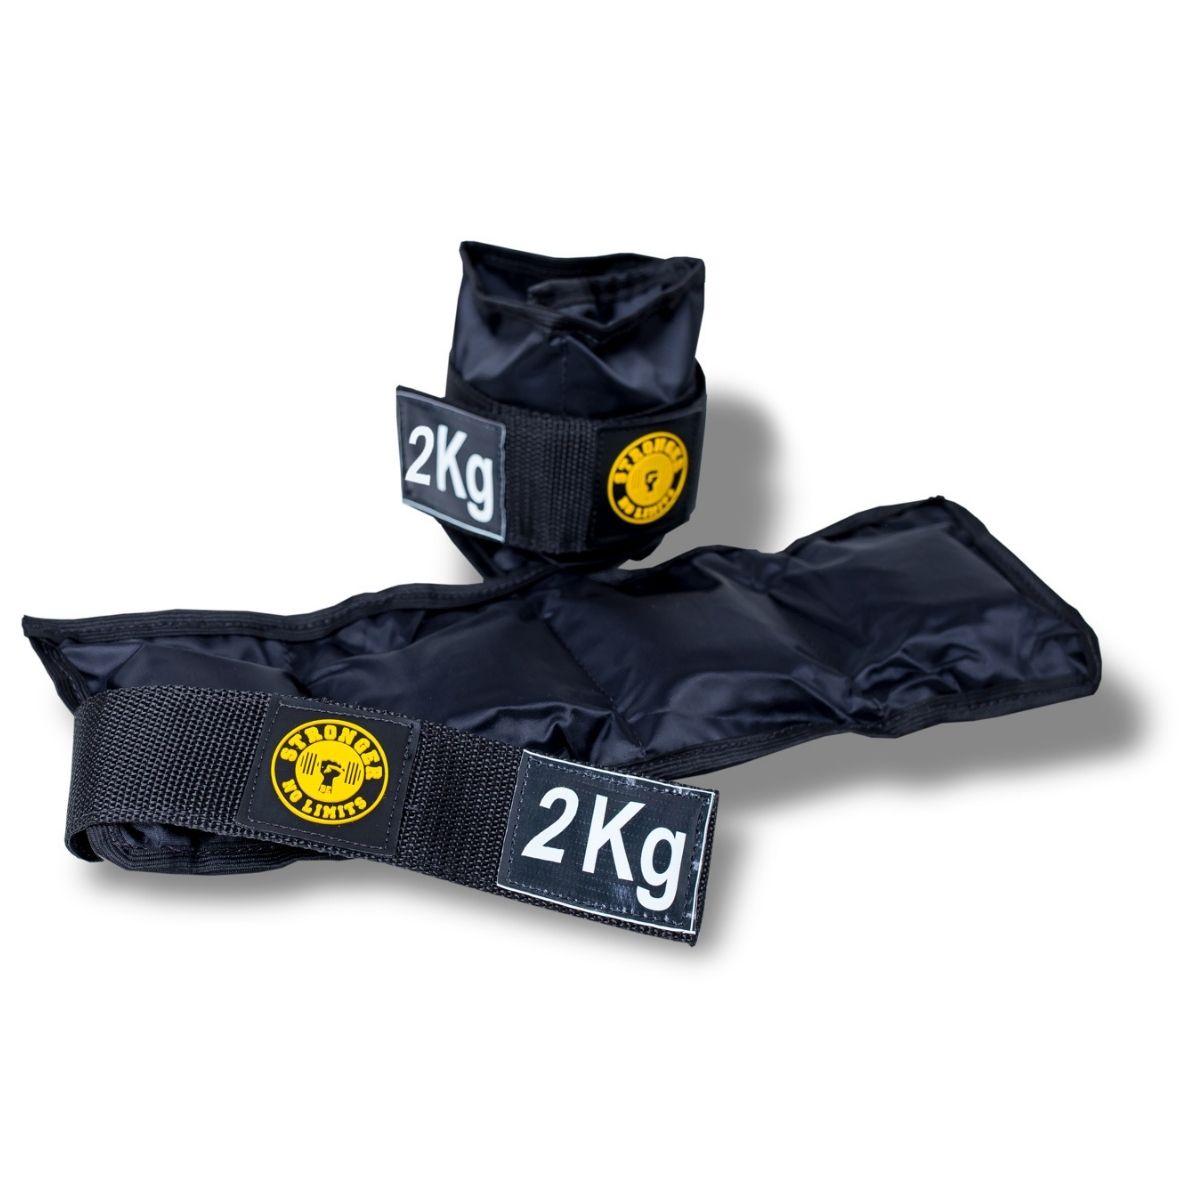 Caneleira de Peso - Kit de 1kg a 5kg